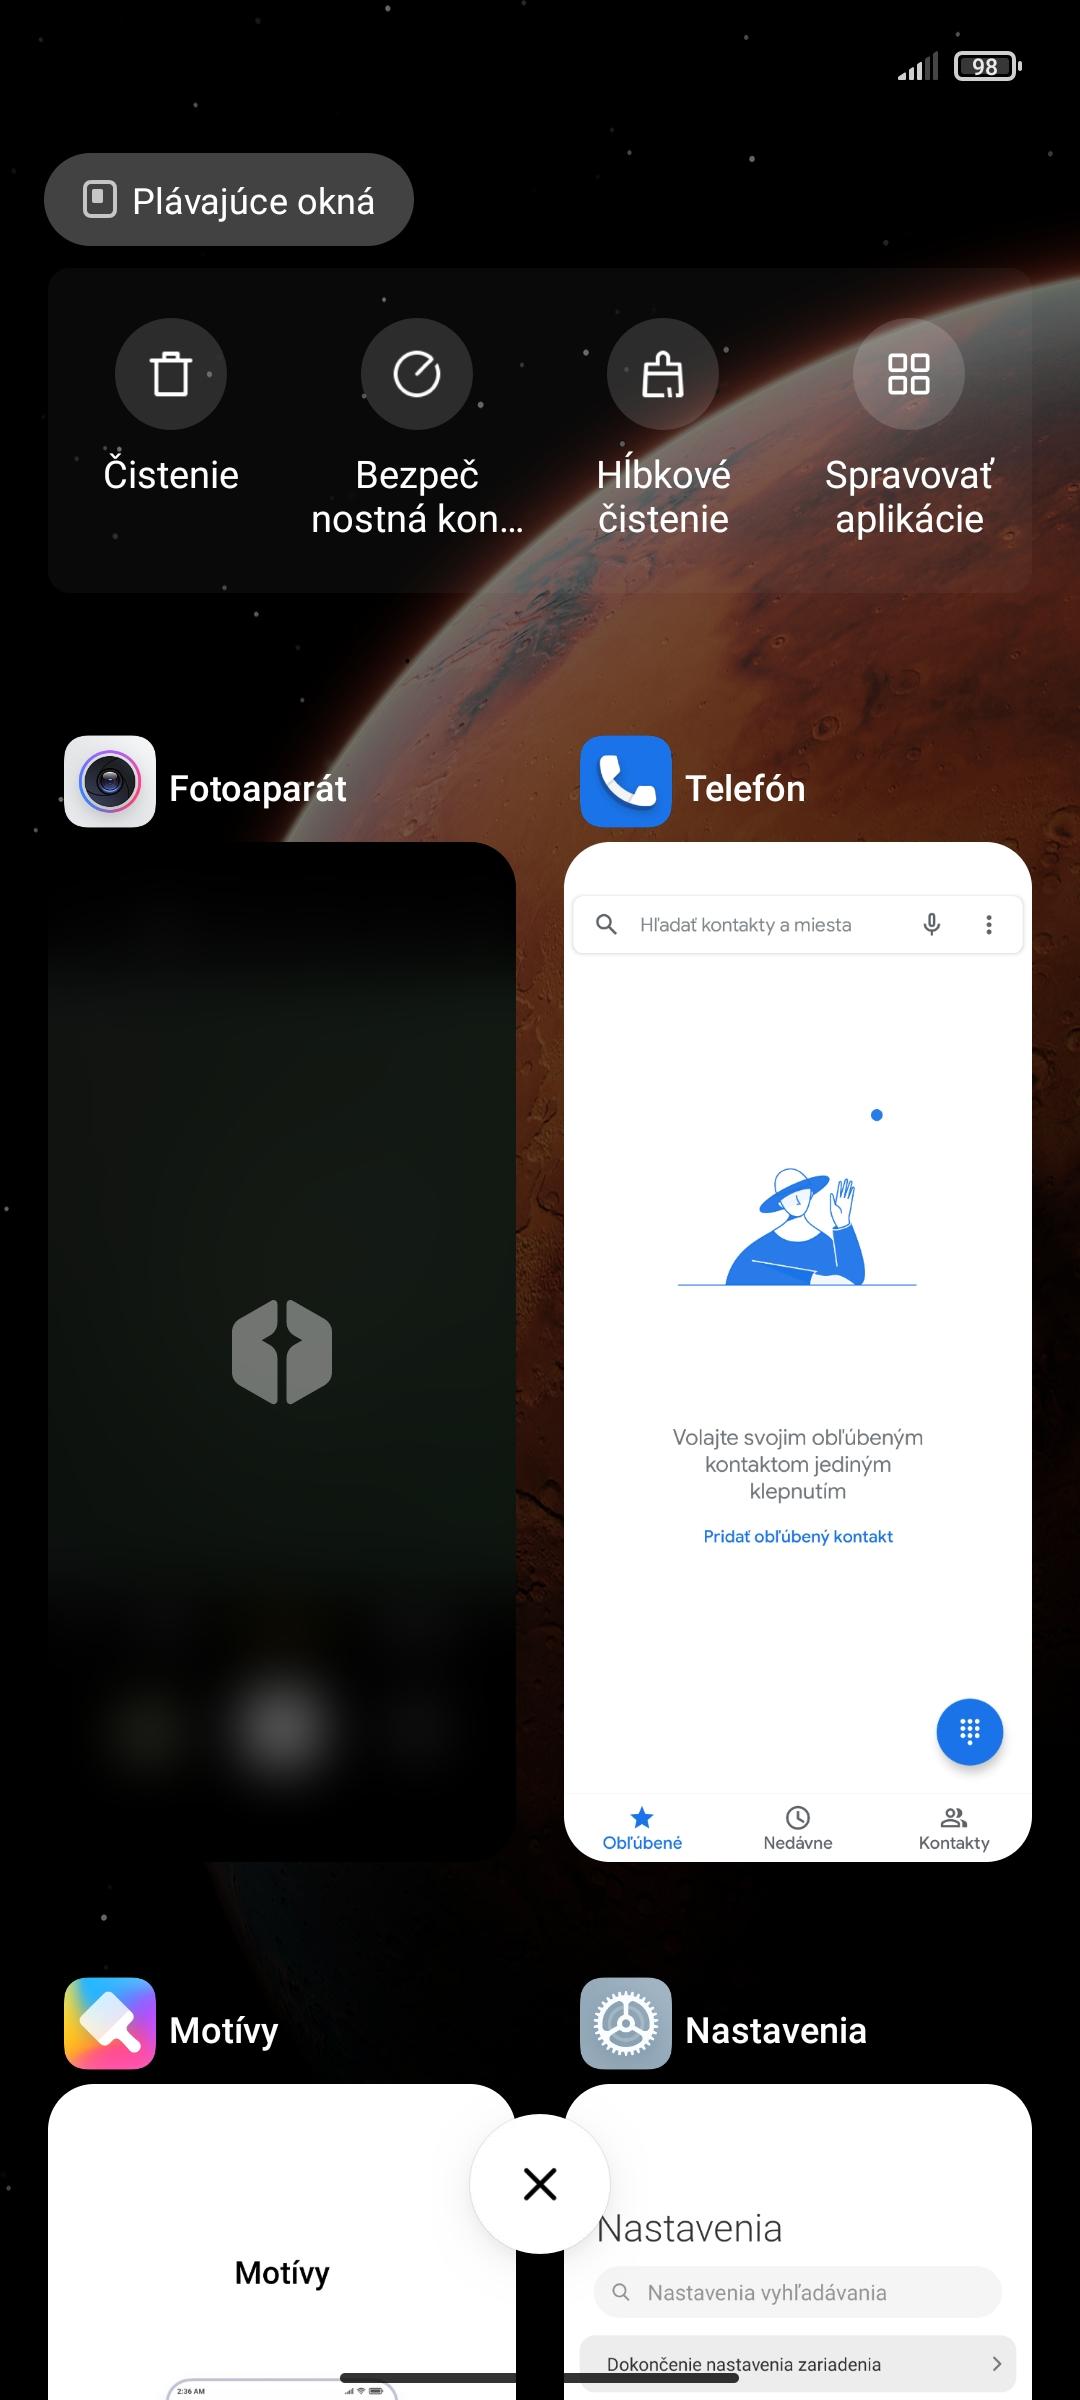 Redmi Note 10 5G - MIUI 12 multitasking